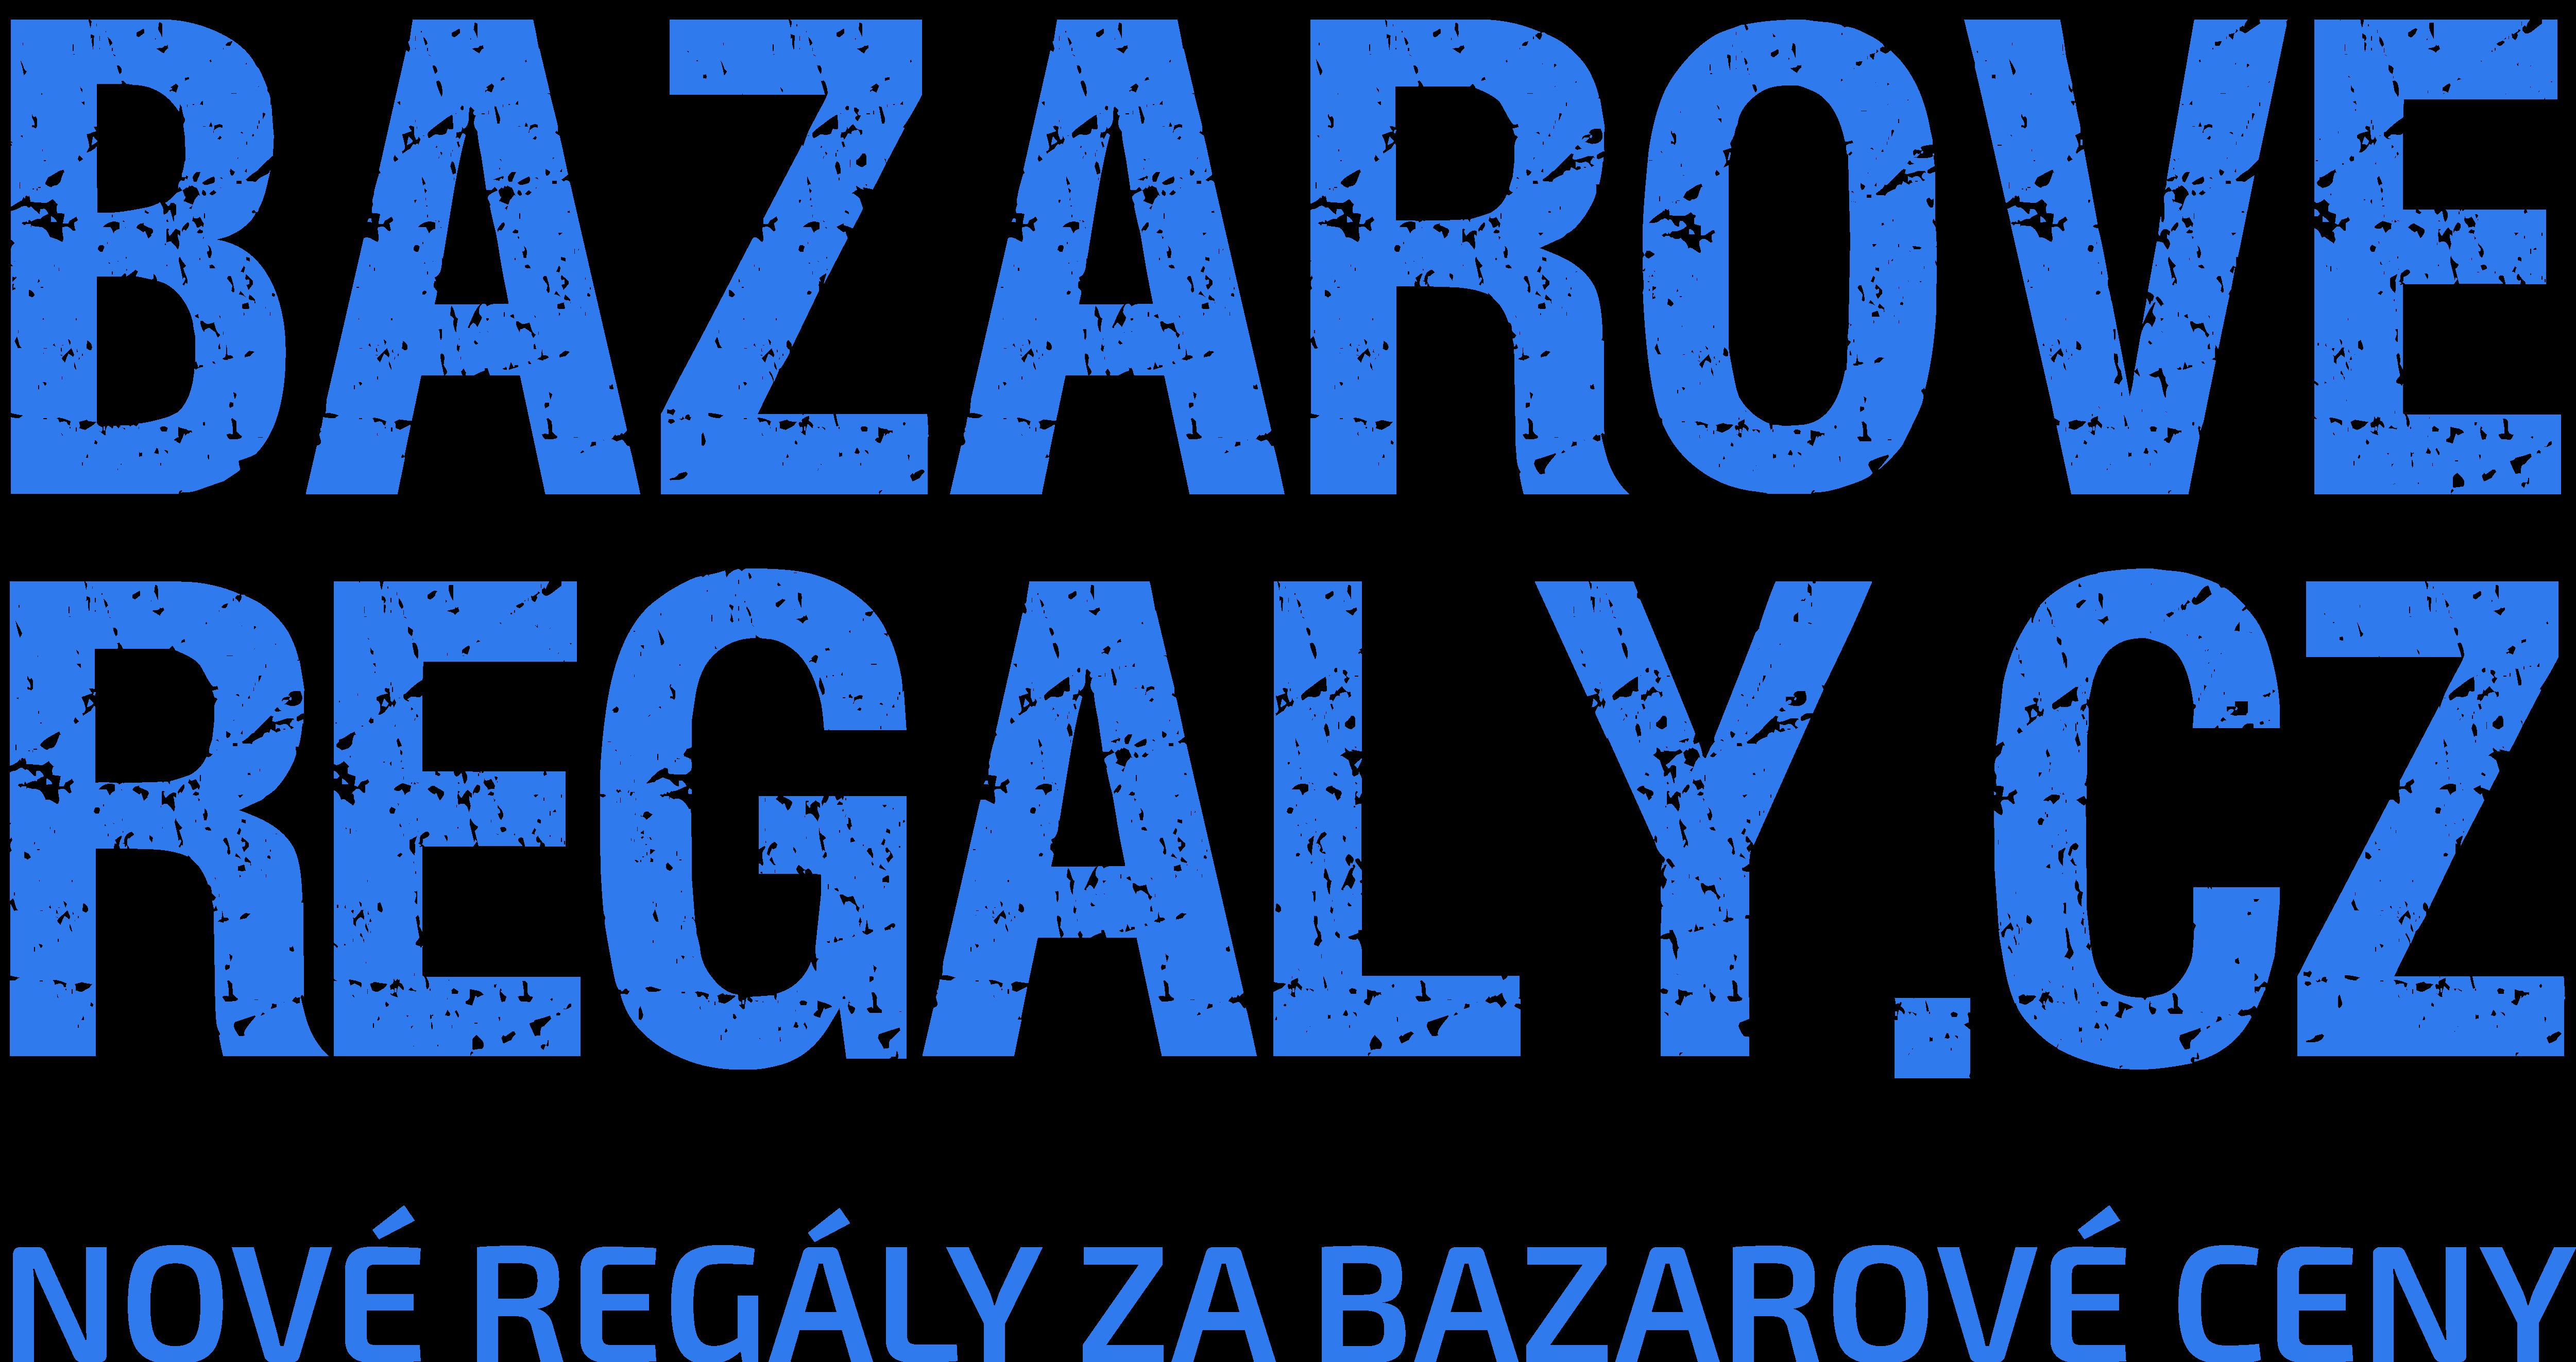 BazarovéRegály.cz | Nové regály za bazarové ceny!